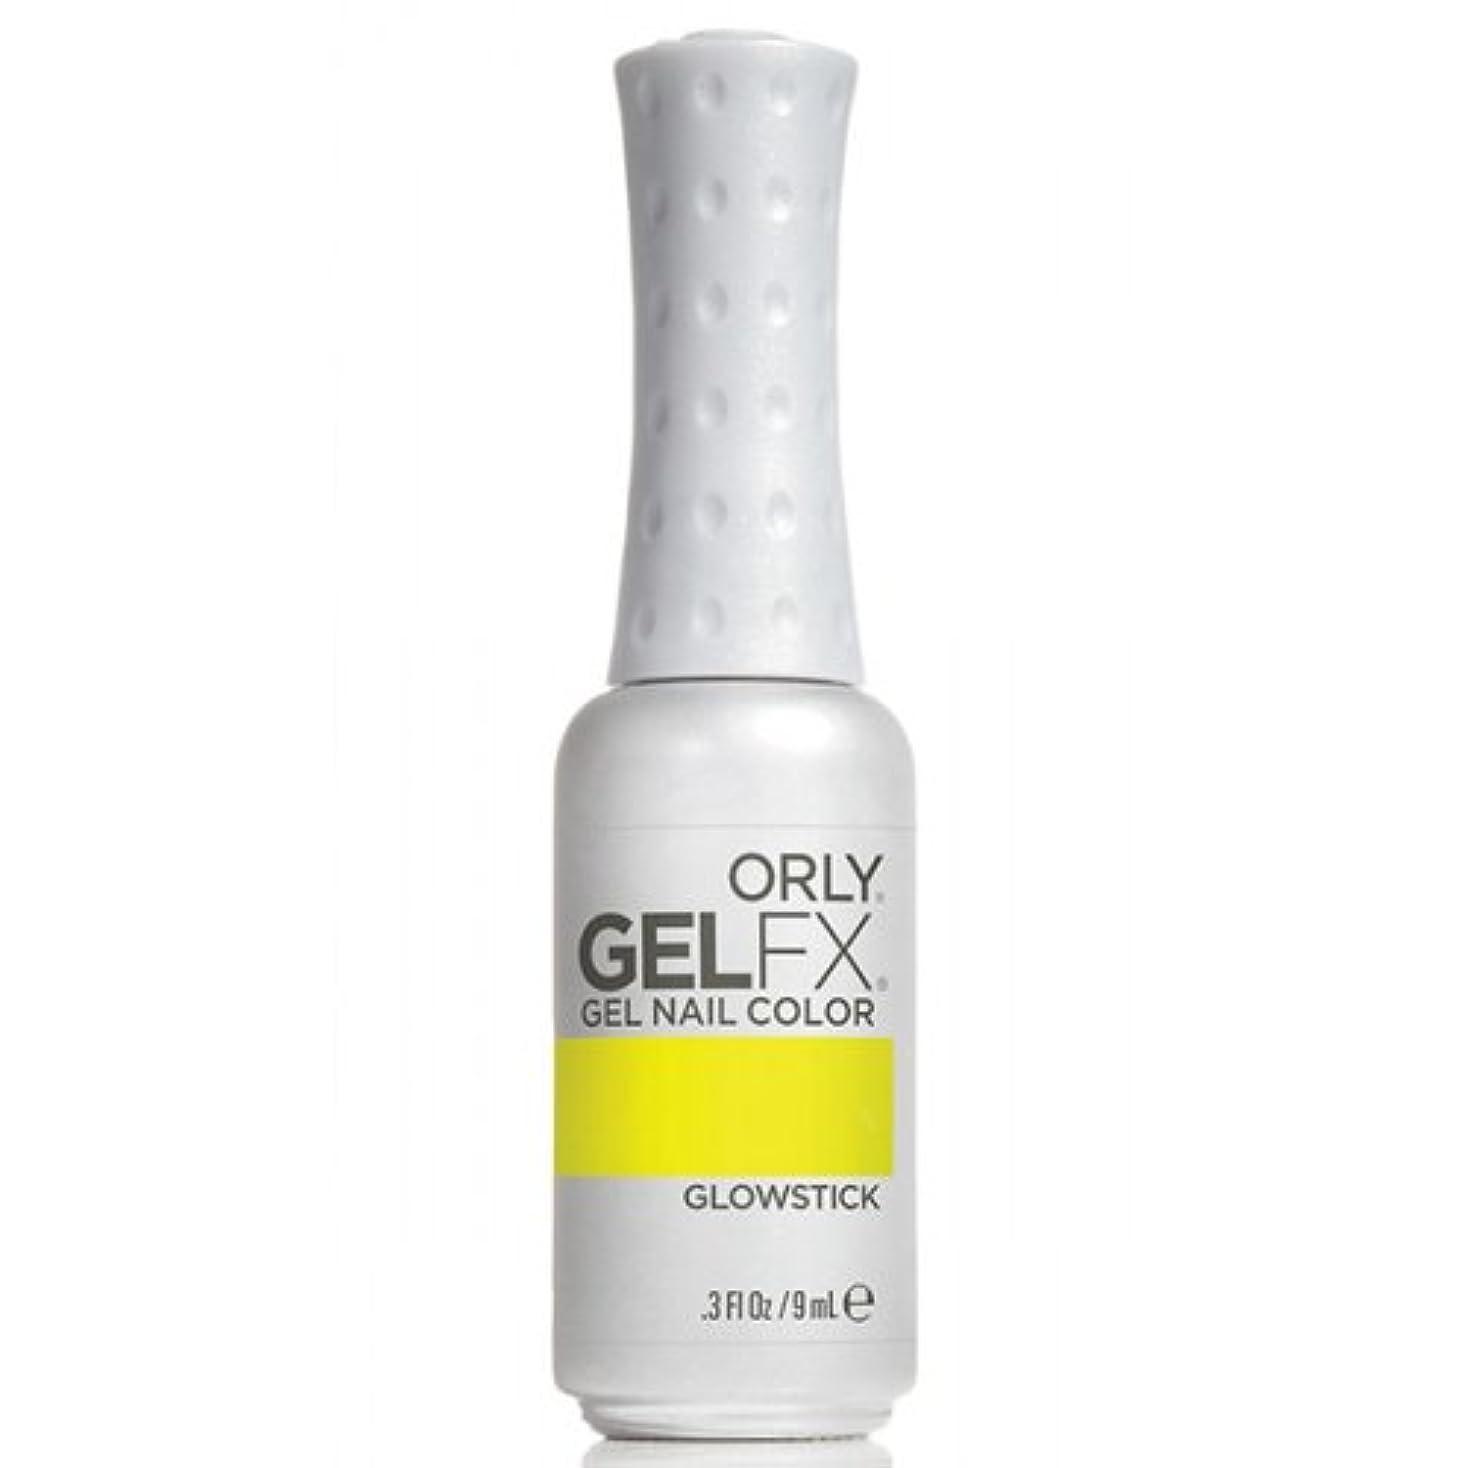 シリング安定スカートORLY(オーリー) ジェル FX ネイルラッカー 9ml Glowstick #30765